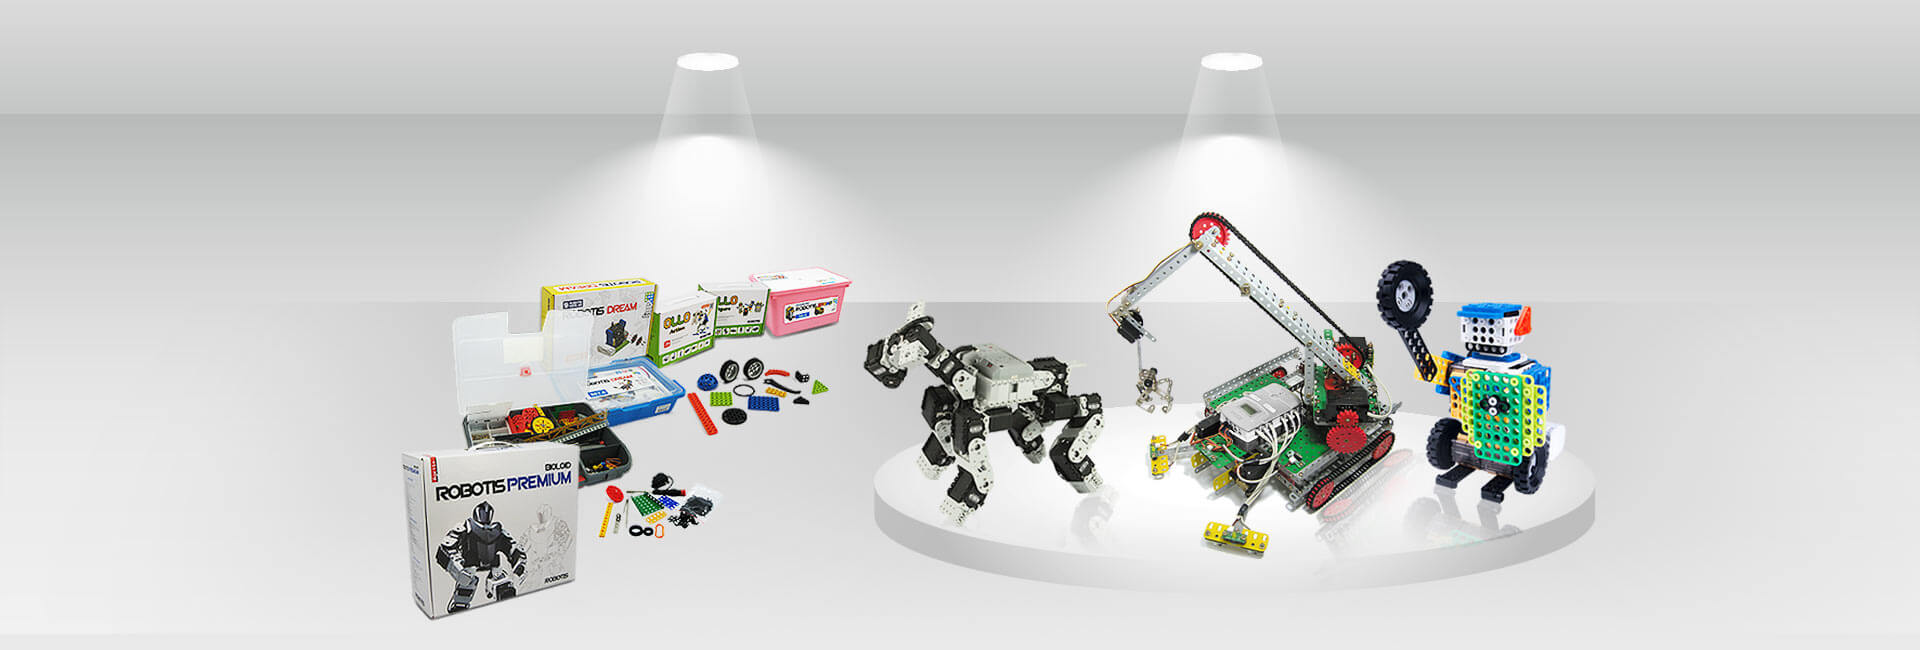 کیت آموزشی ساخت و ساز ربات برای کودکان دانش آموزان و بزرگسالان